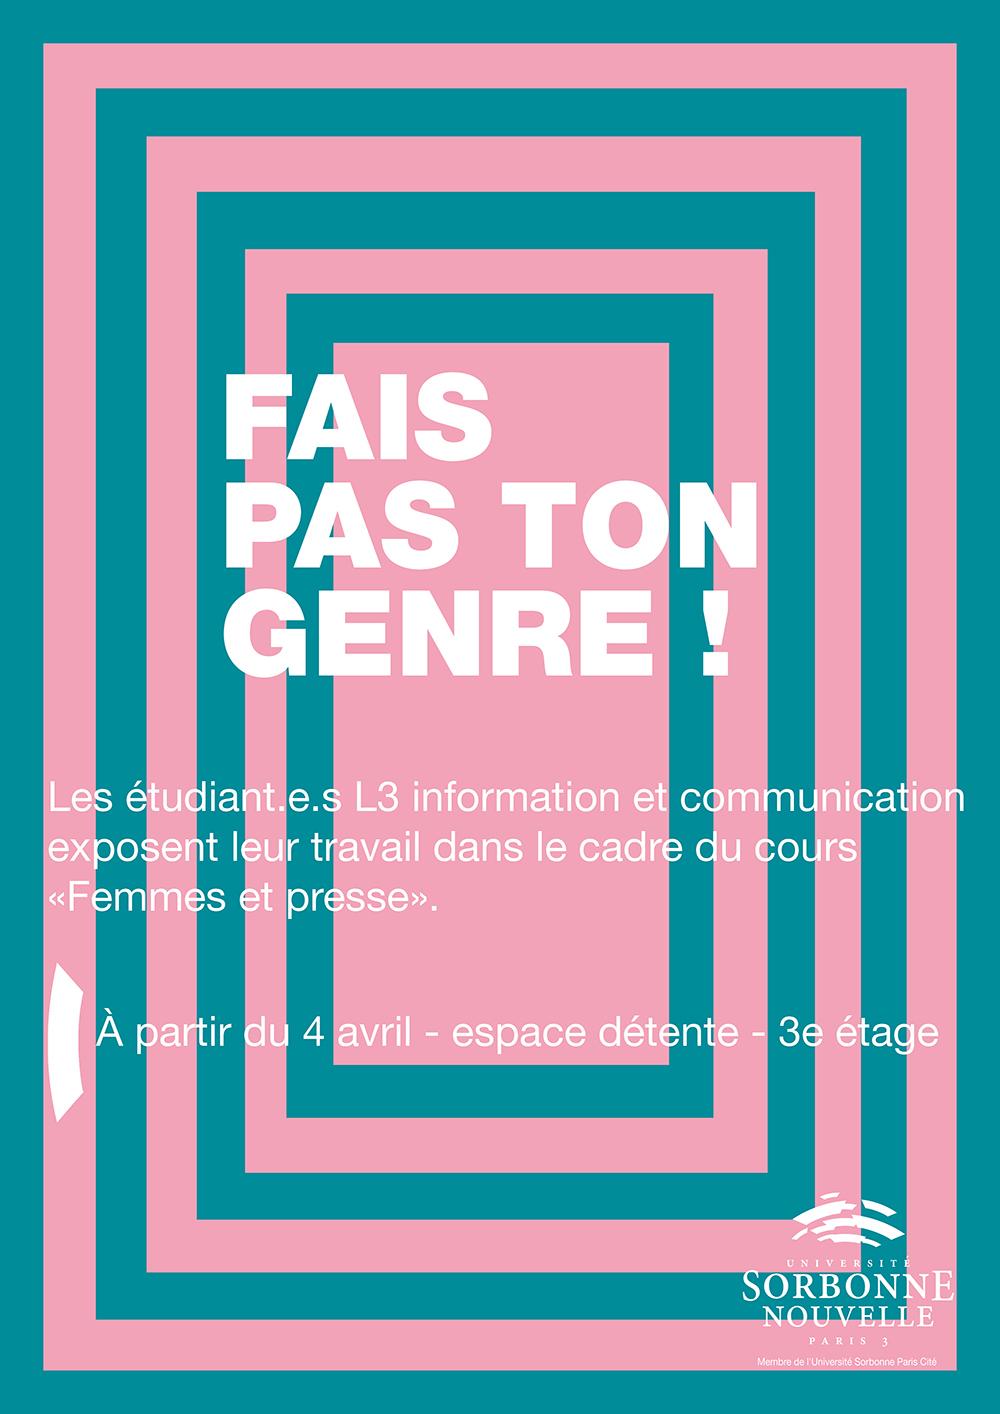 2018_visuel_expo-fais-pas-ton-genre-3.jpg